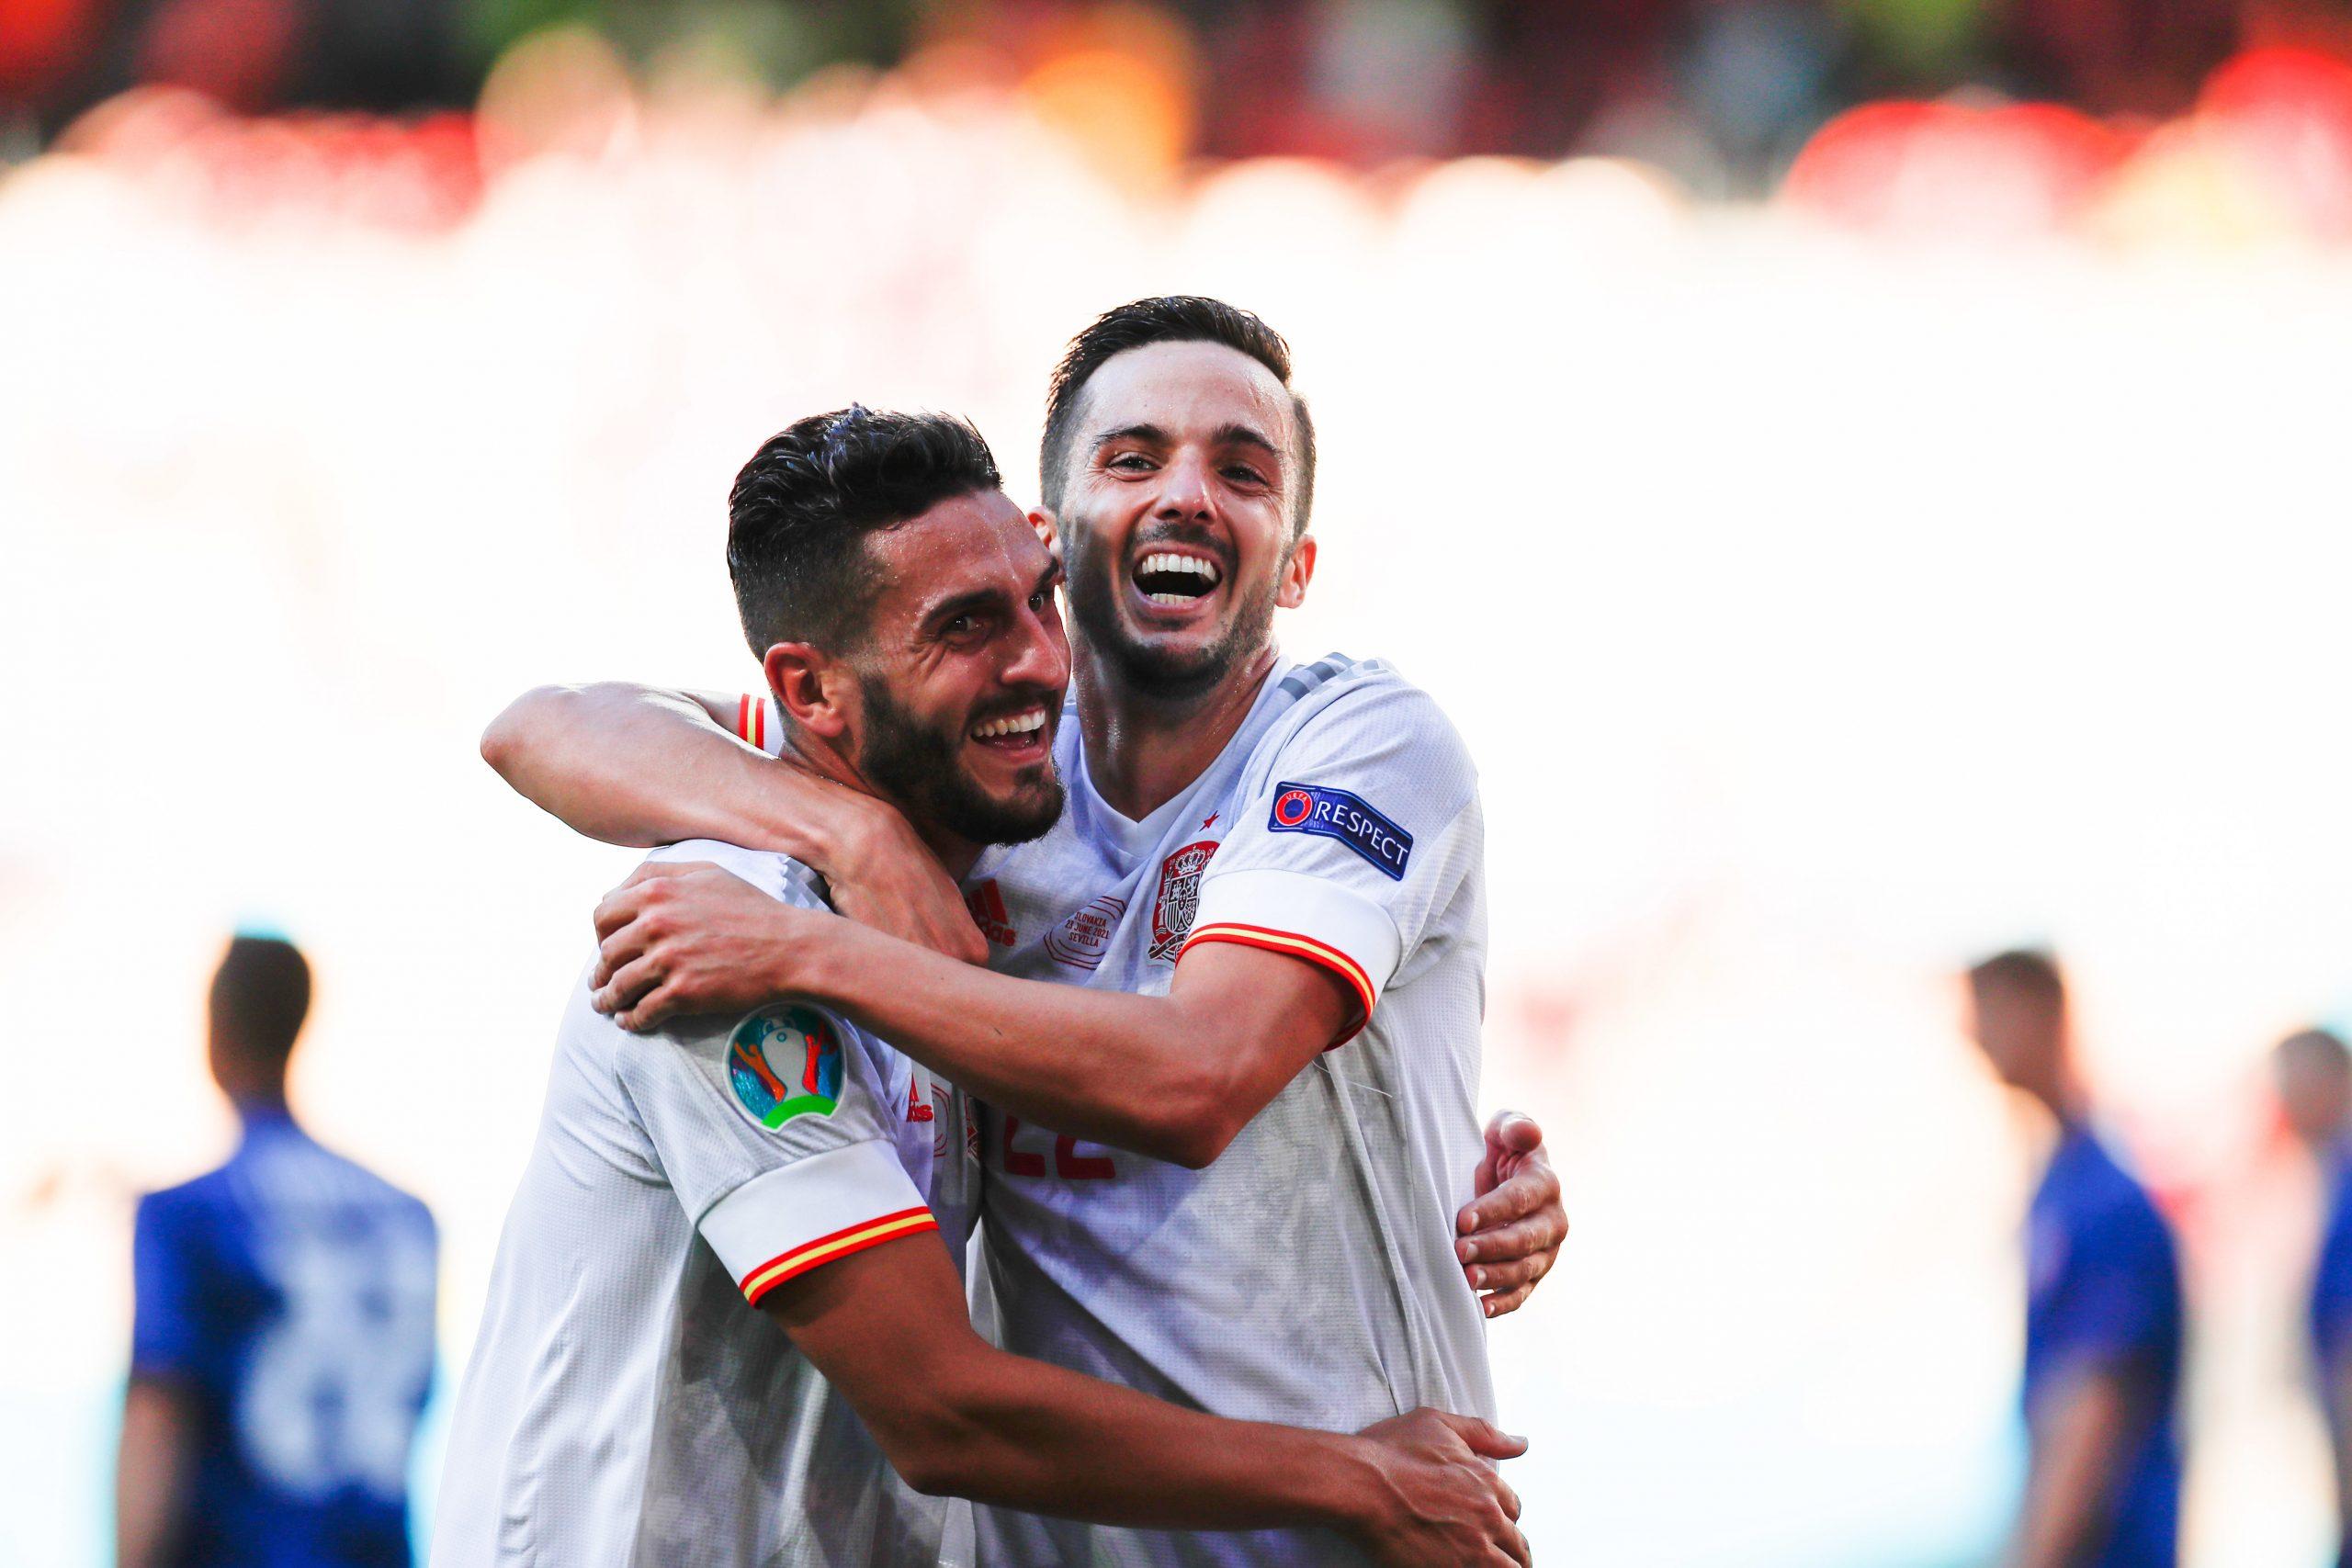 Mercato - Sarabia est bien au PSG, mais est tenté par la Liga indique AS